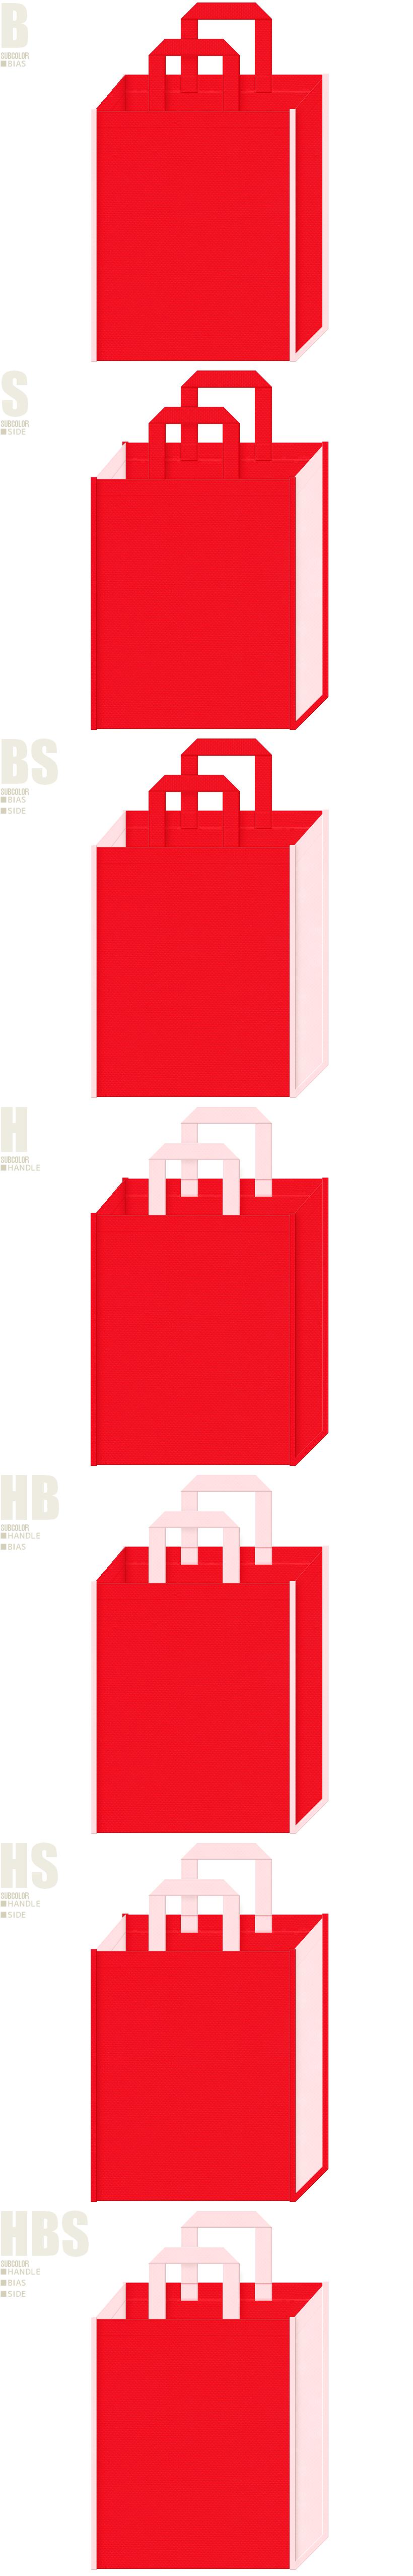 アニメ・ゲーム・舞踊・婚礼・いちご・ハート・カーネーション・母の日・ひな祭り・いちご大福・和風催事・お正月・福袋にお奨めの不織布バッグデザイン:赤色と桜色の配色7パターン